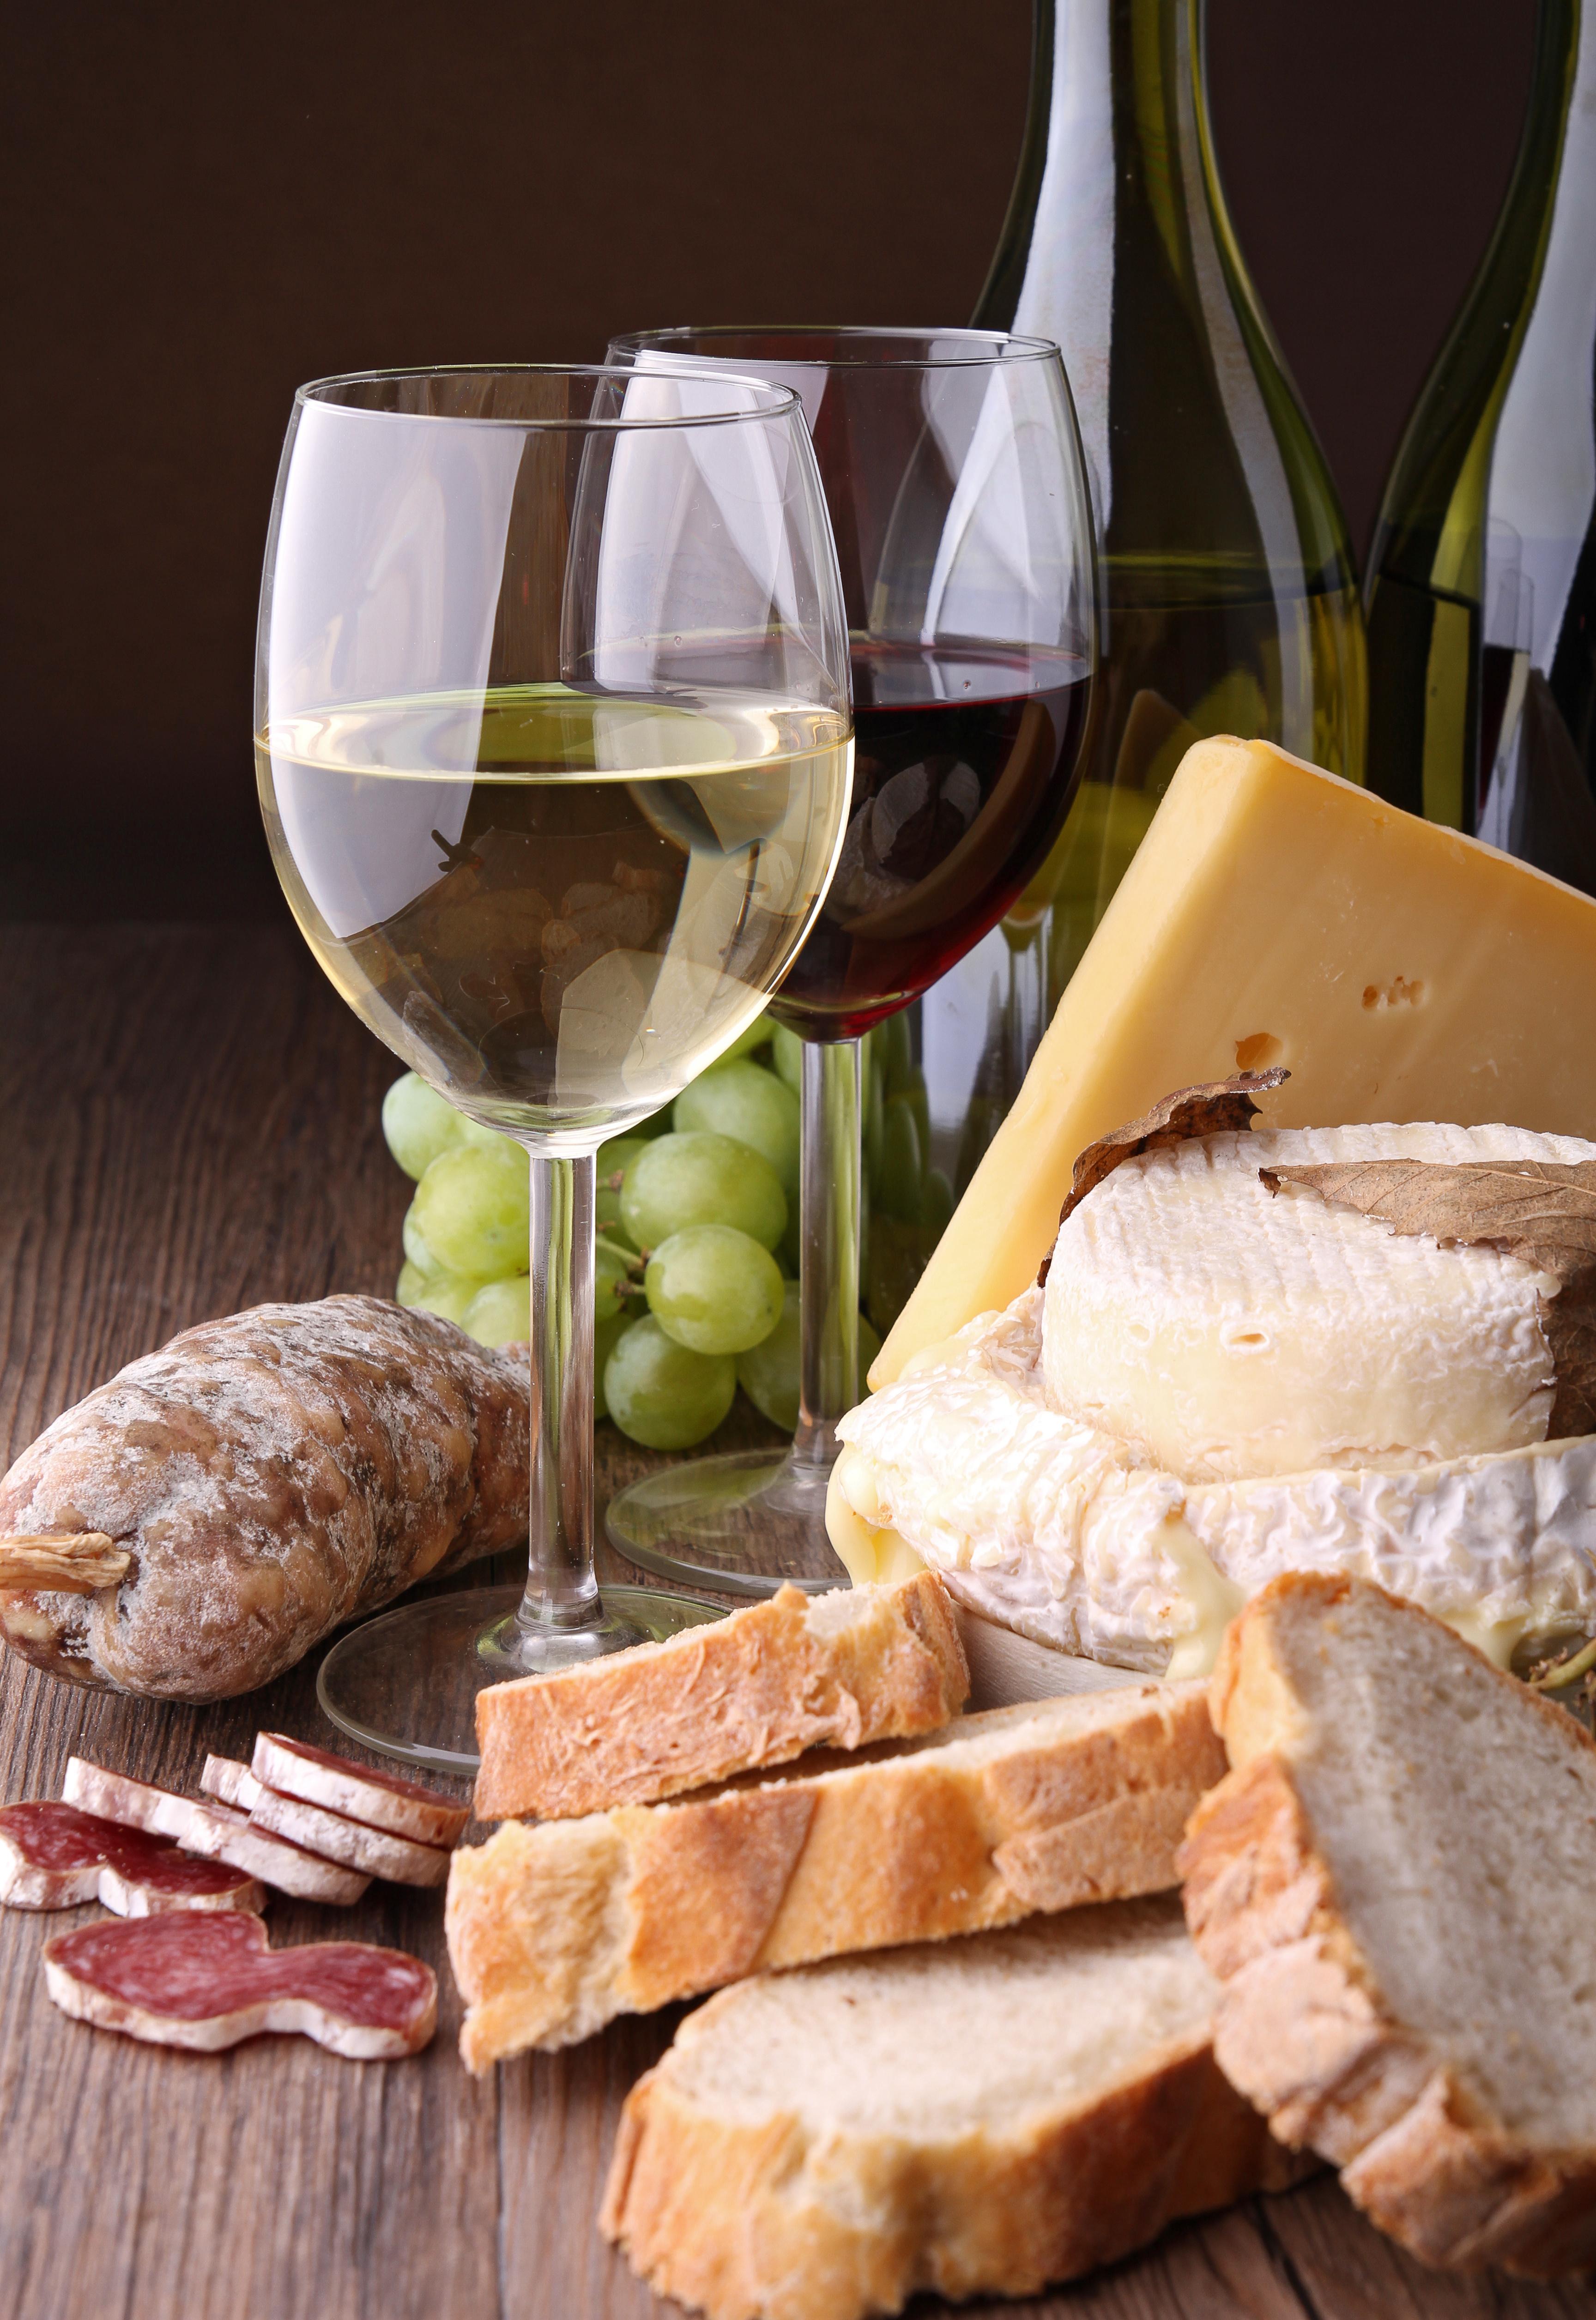 Le charme champêtre de l'association du vin blanc avec le fromage